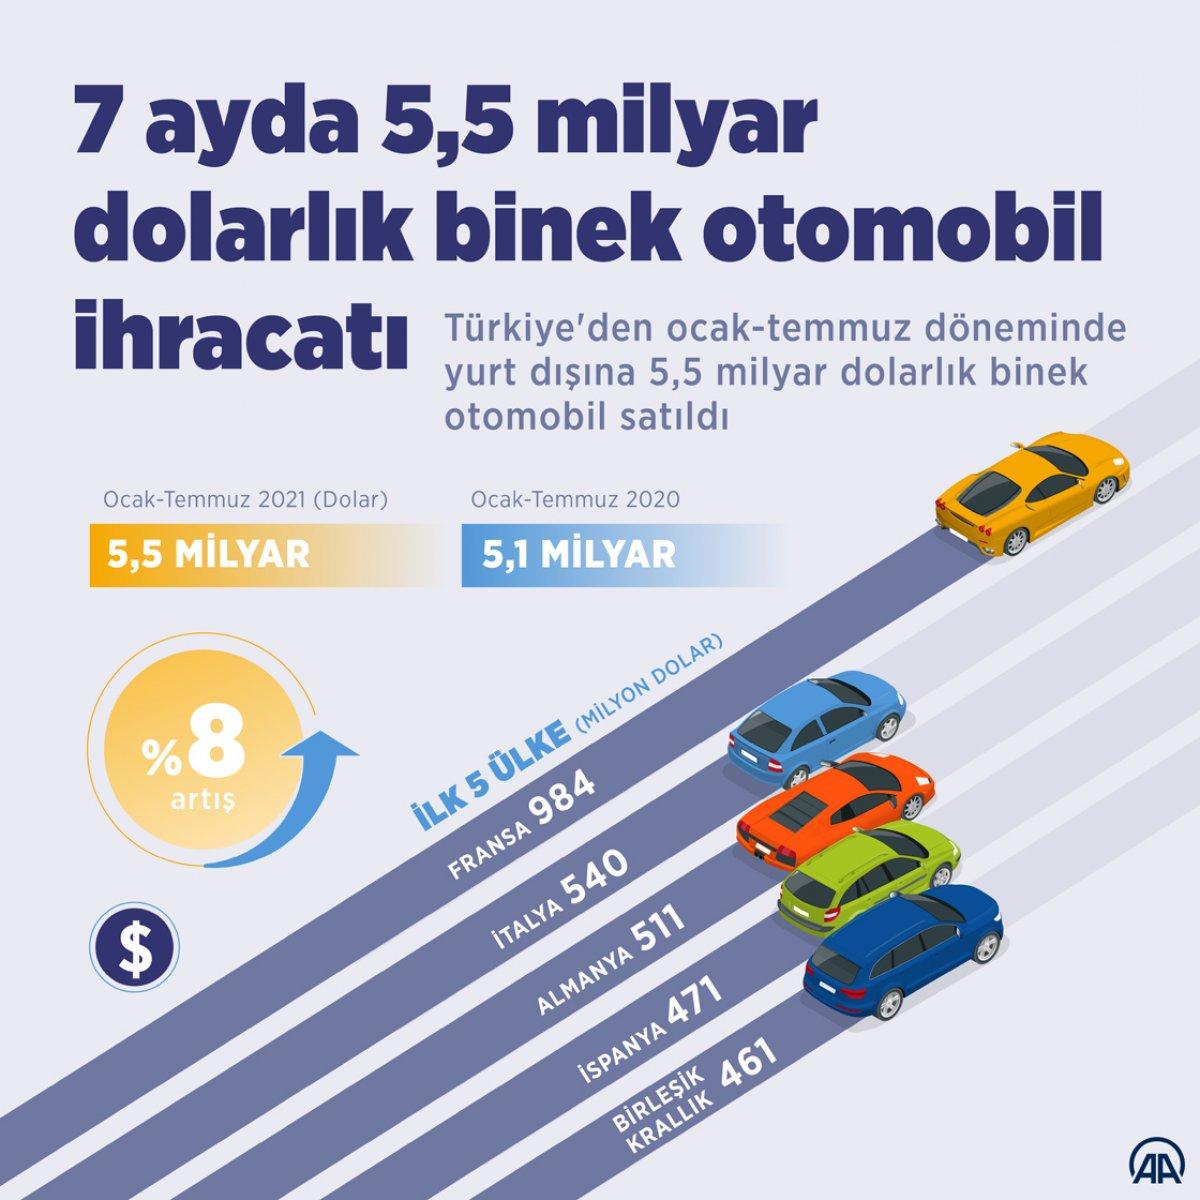 Türkiye den 7 ayda 5,5 milyar dolarlık binek otomobil ihracatı #1